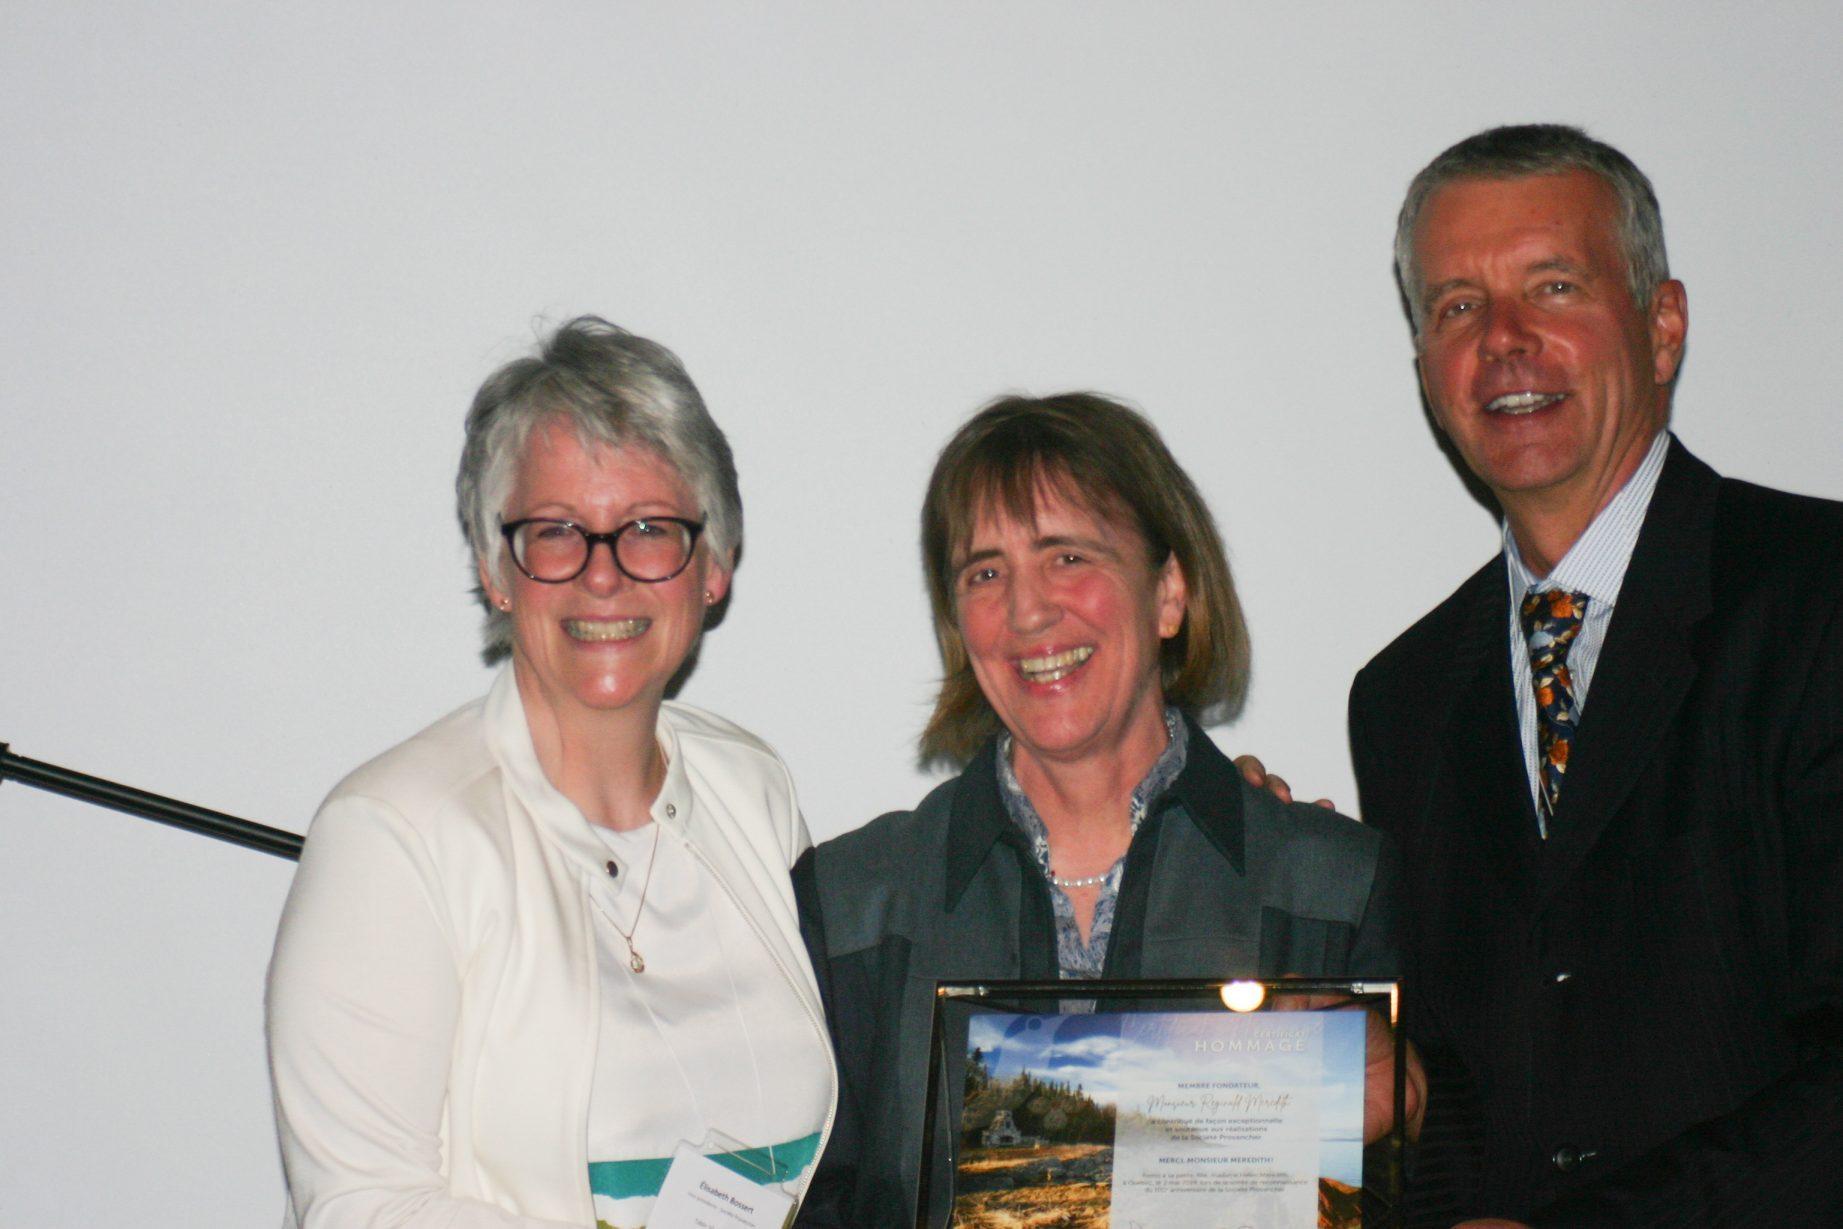 Remise d'un certificat de reconnaissance à Mme Helen Meredith par les deux vice-présidents de la Société Provancher, Mme Élisabeth Bossert et M. Jean Tremblay. Photo: Marianne Kugler.